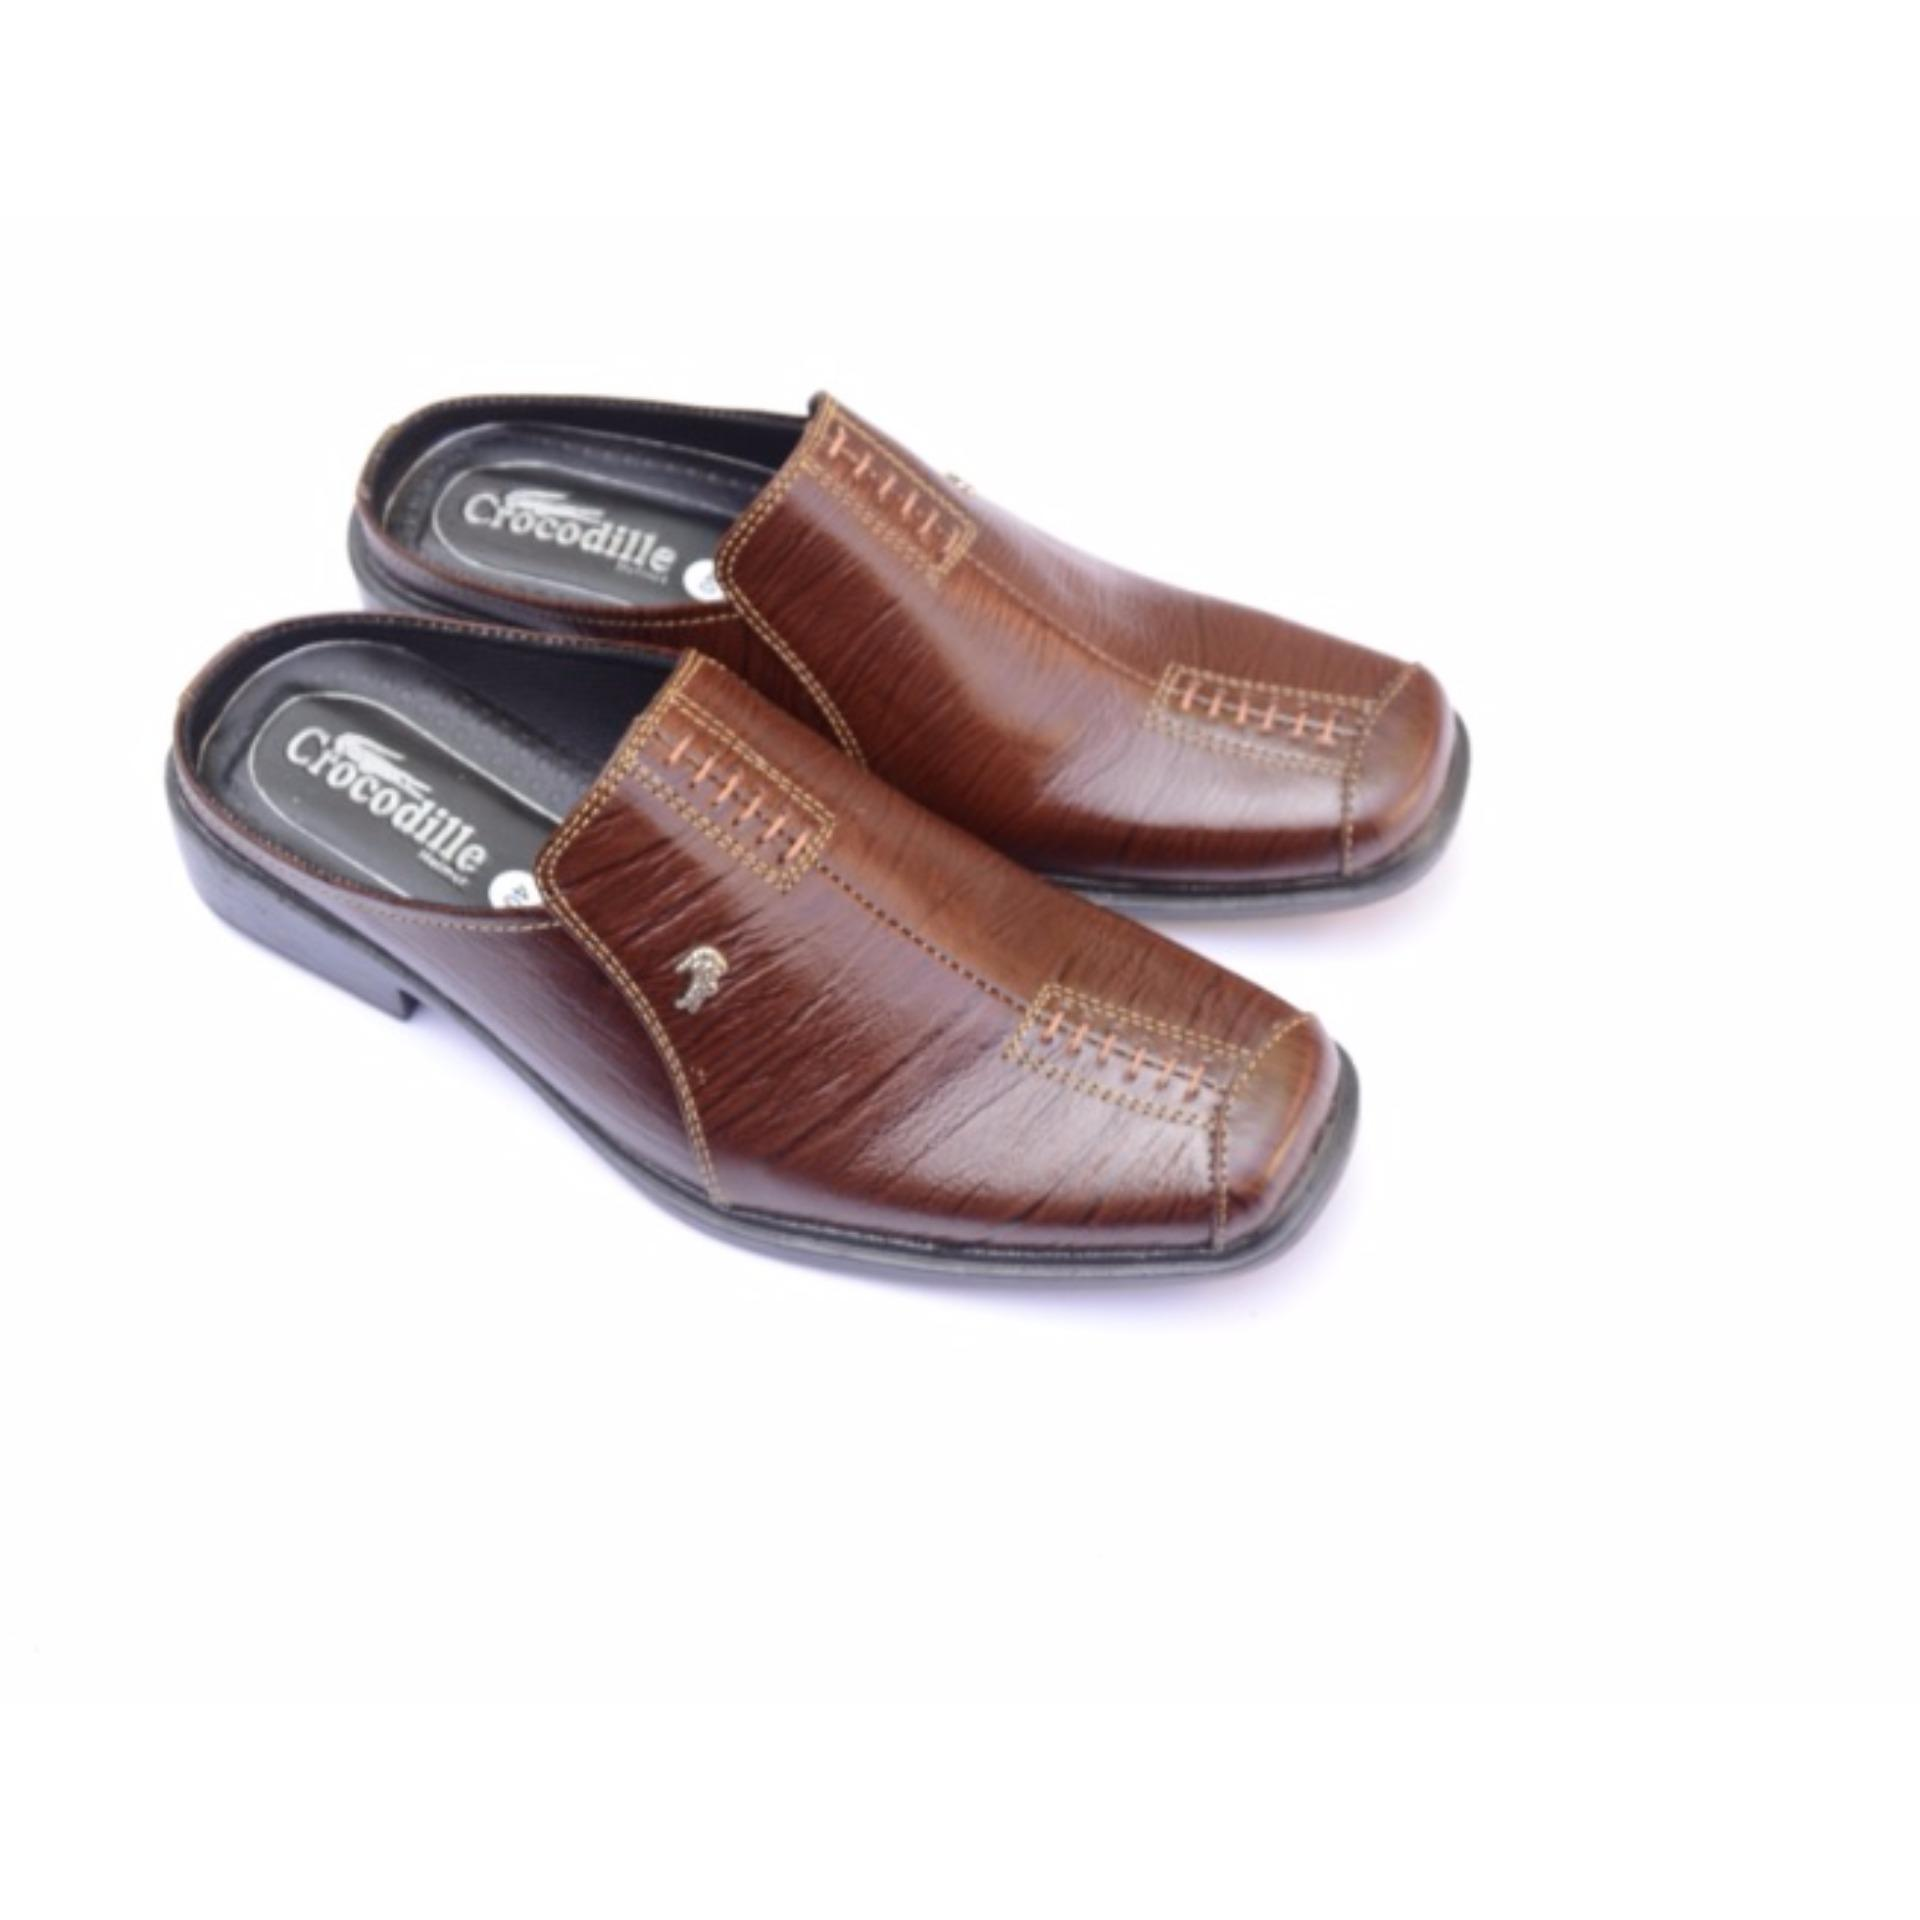 Sandal Pria Selop Kulit Sapi Hitam Daftar Harga Terbaru Dan Sepatu Bahan Kukit Asli Fd 1 Bandingkan Toko Crocodile